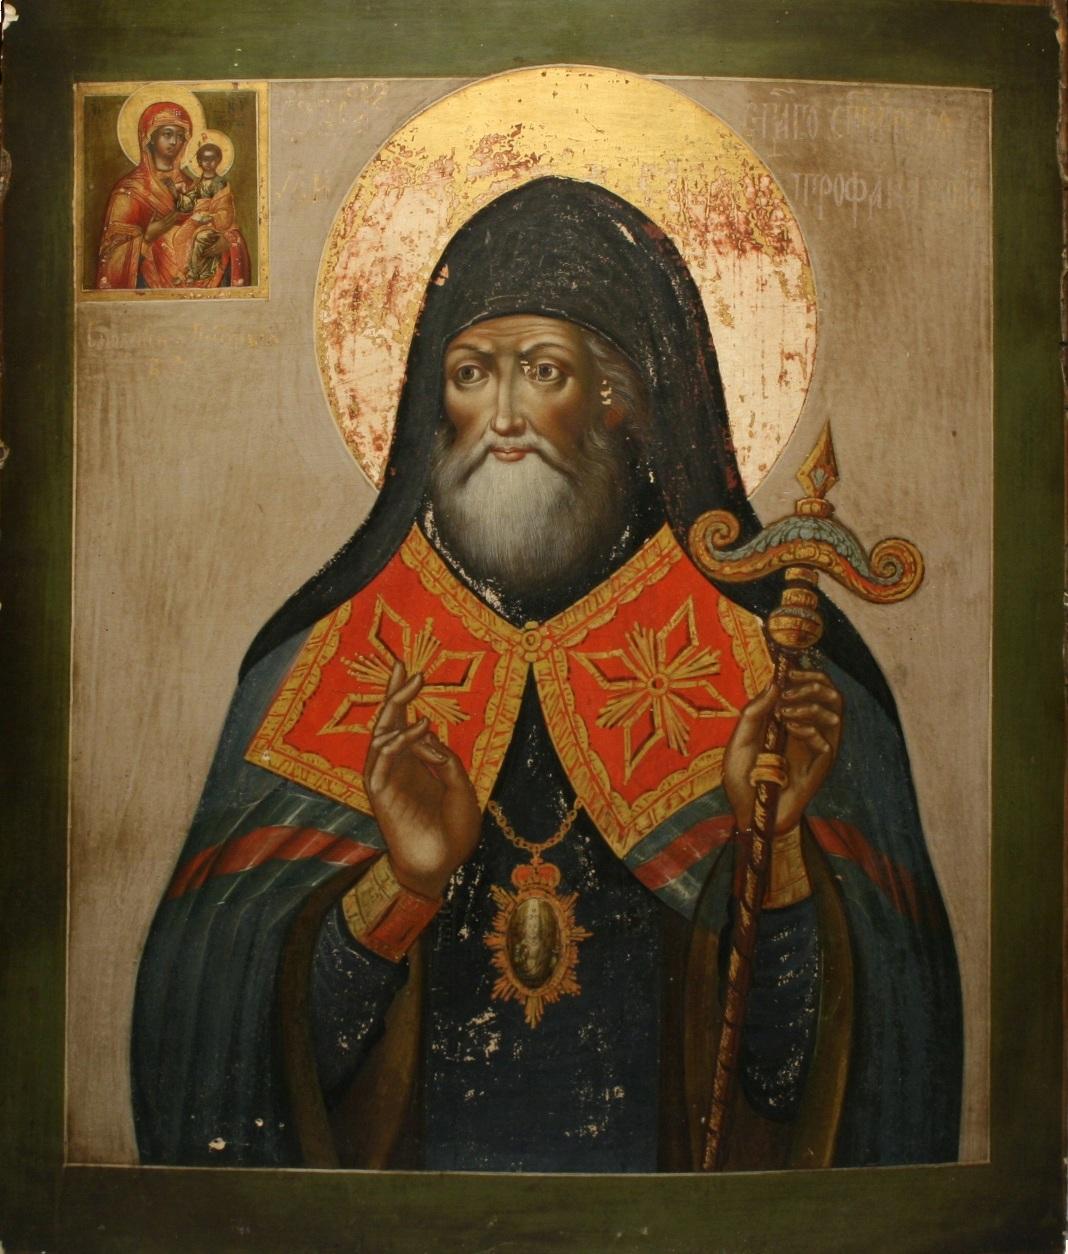 Молитва святителю Митрофану Воронежскому